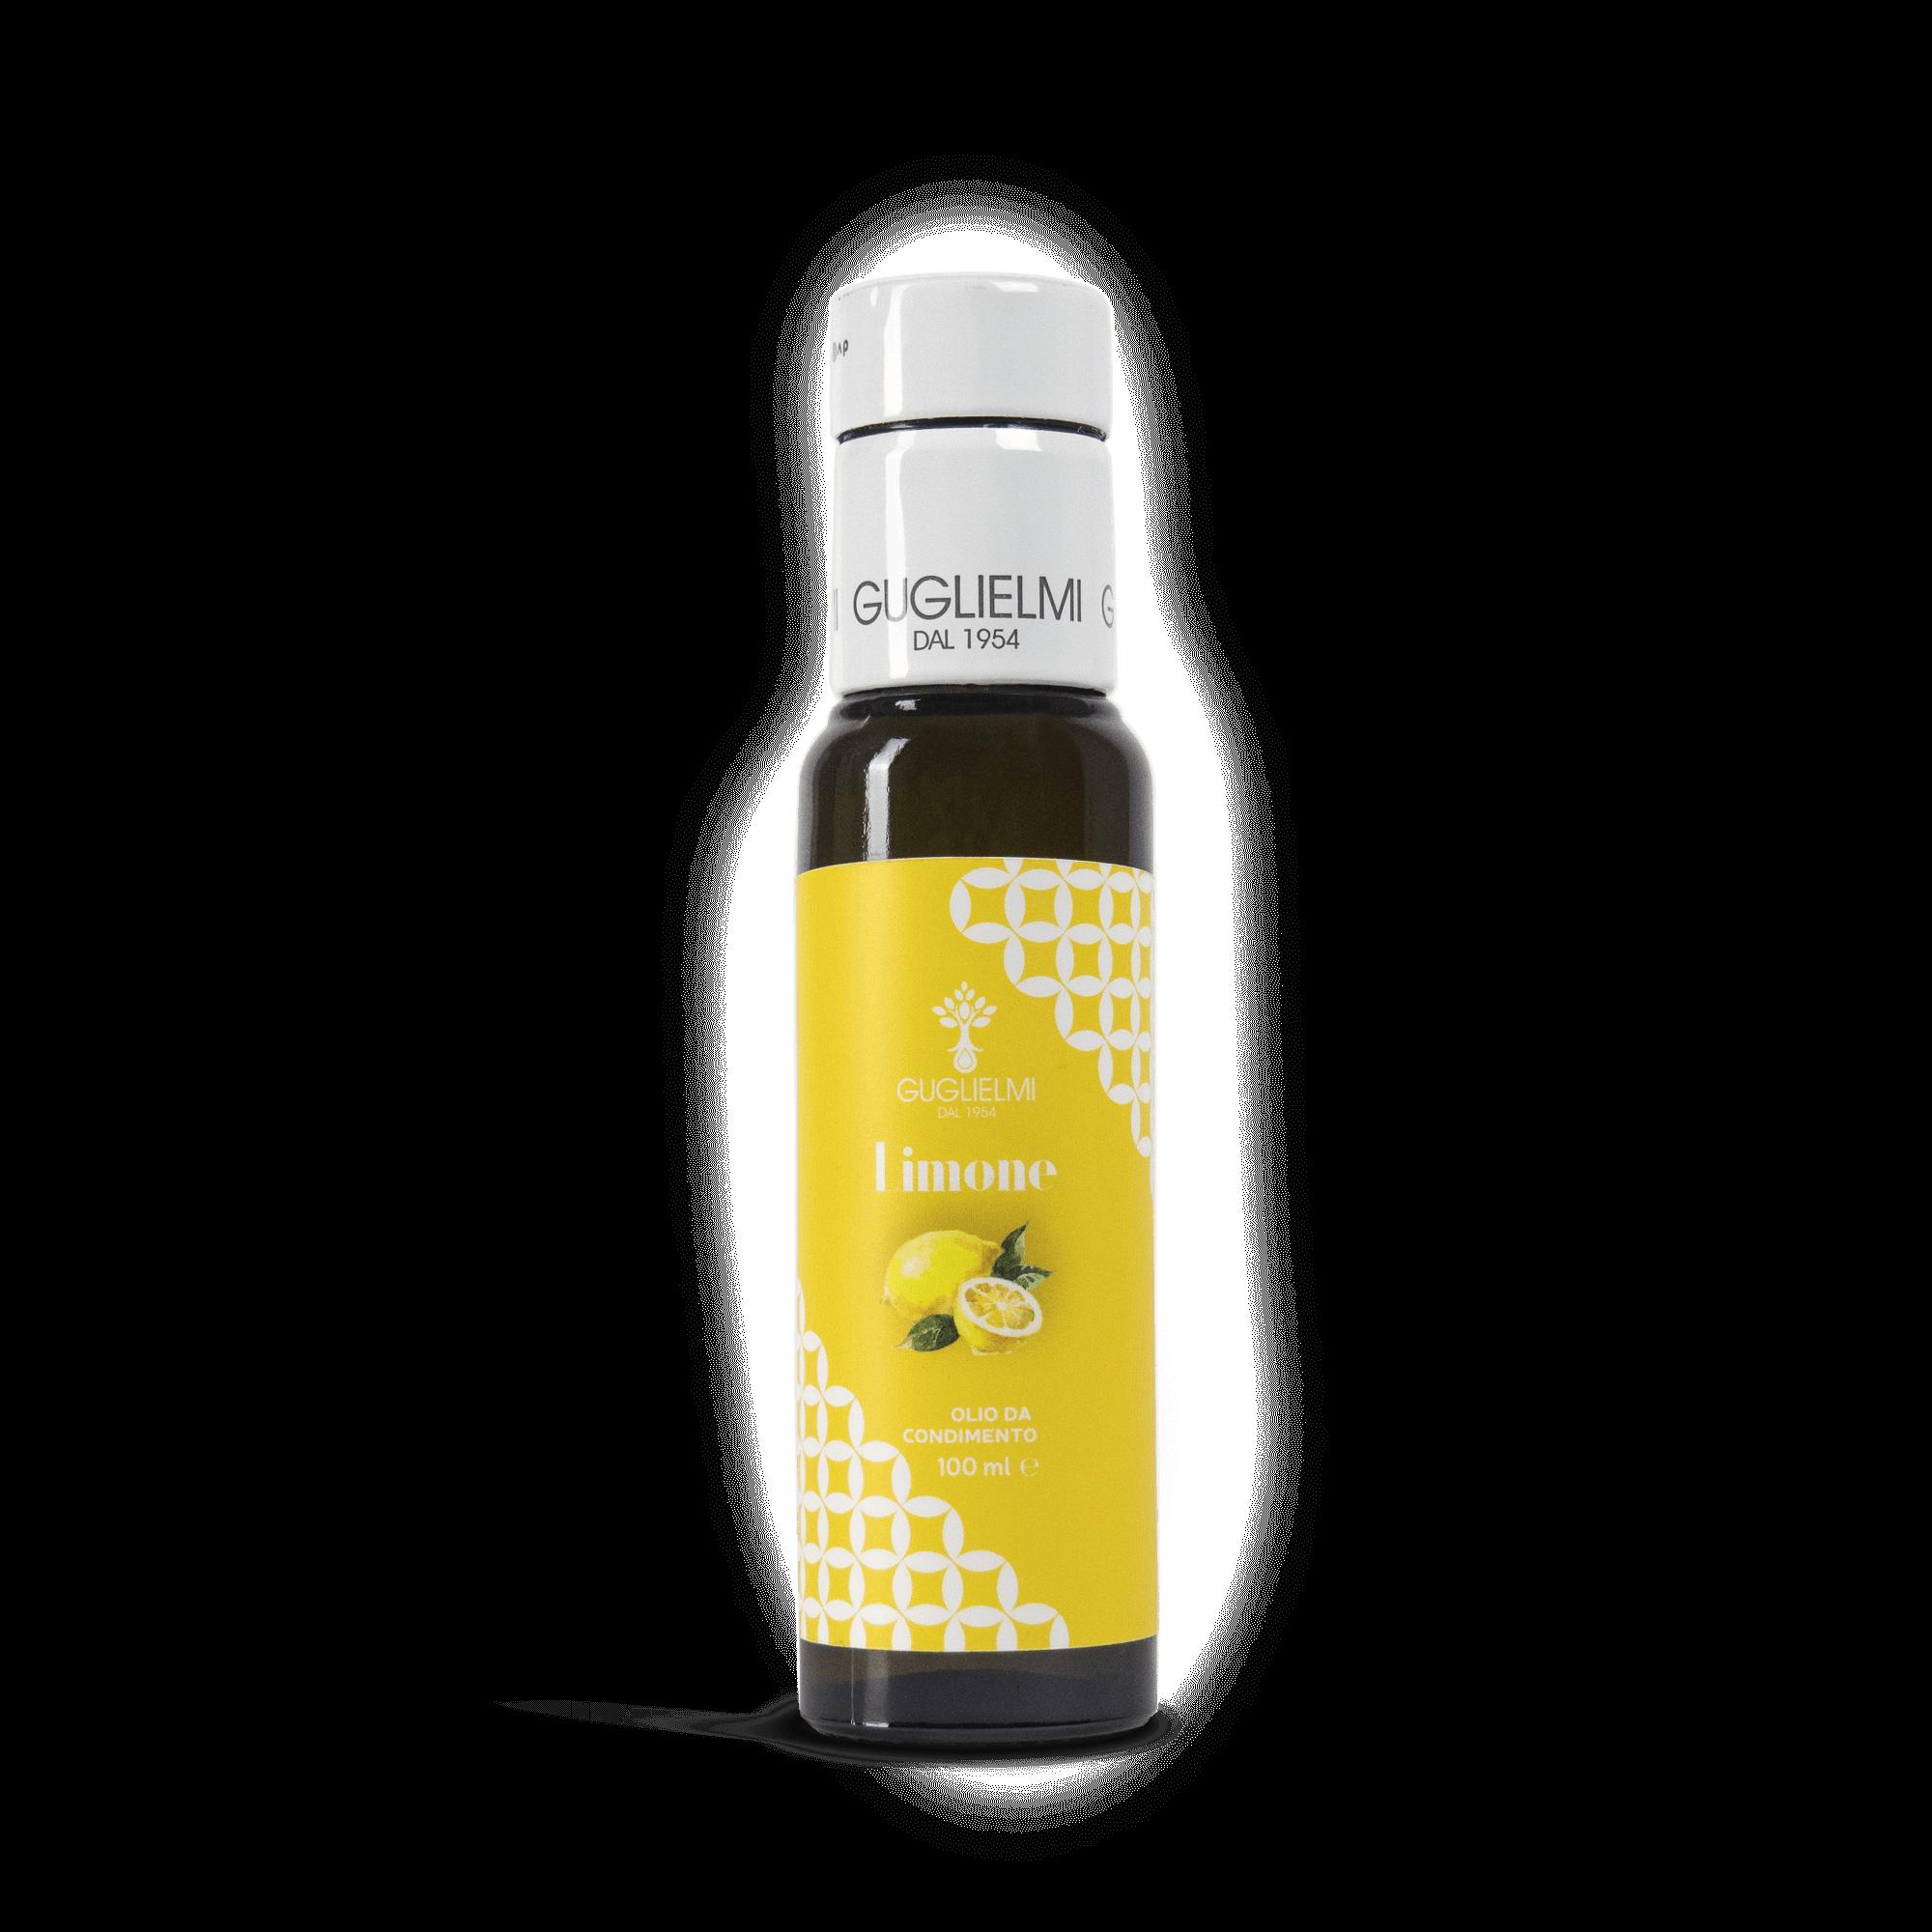 olio aromatico al limone olio guglielmi